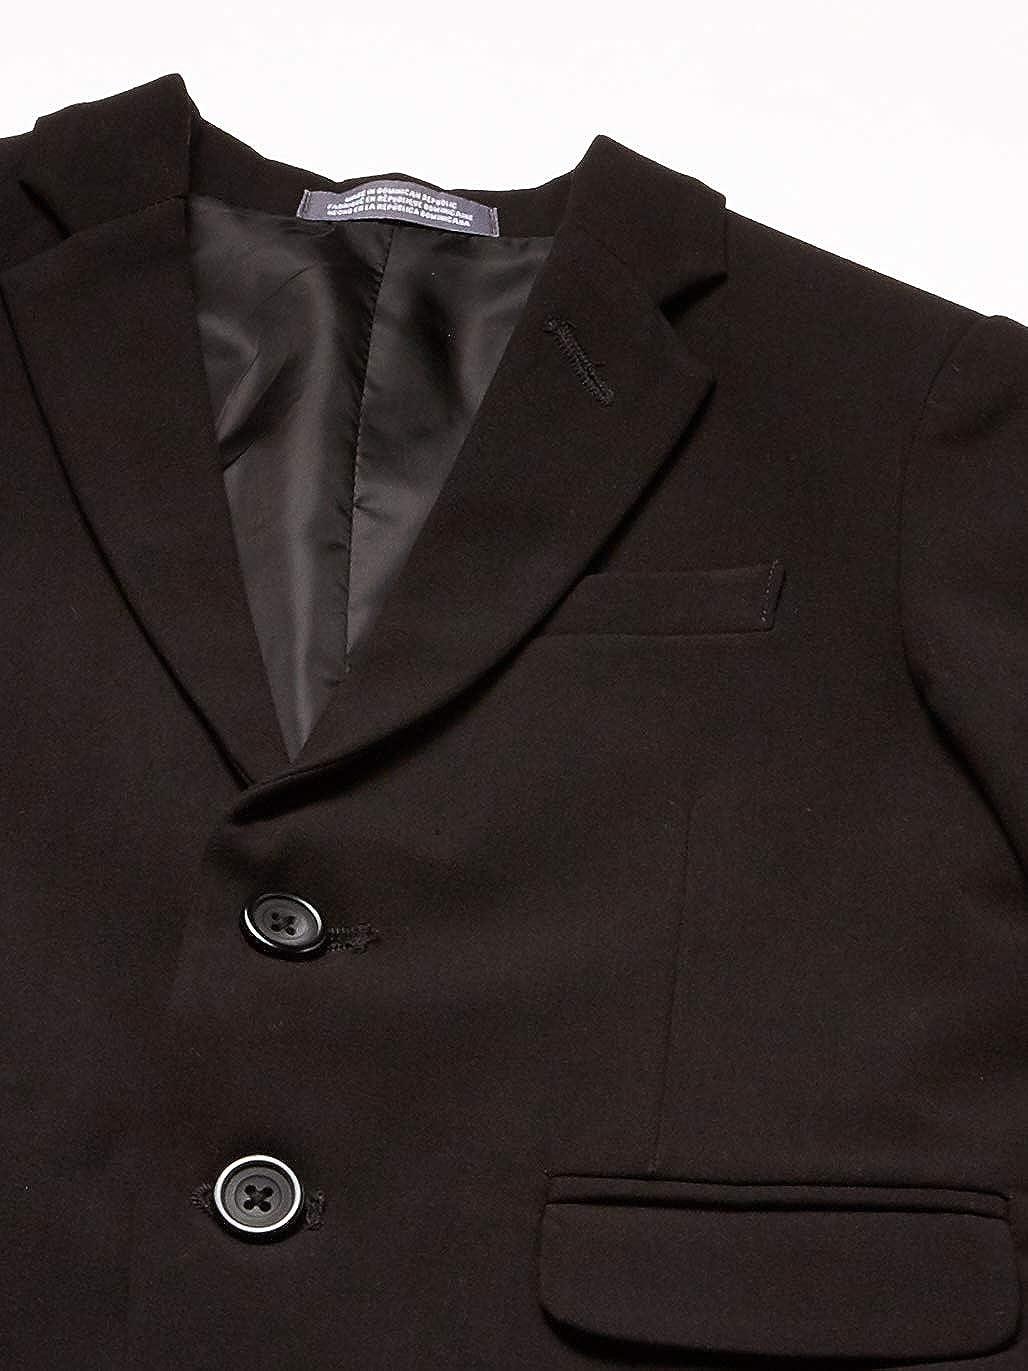 Van Heusen Boys Flex Stretch Suit Jacket